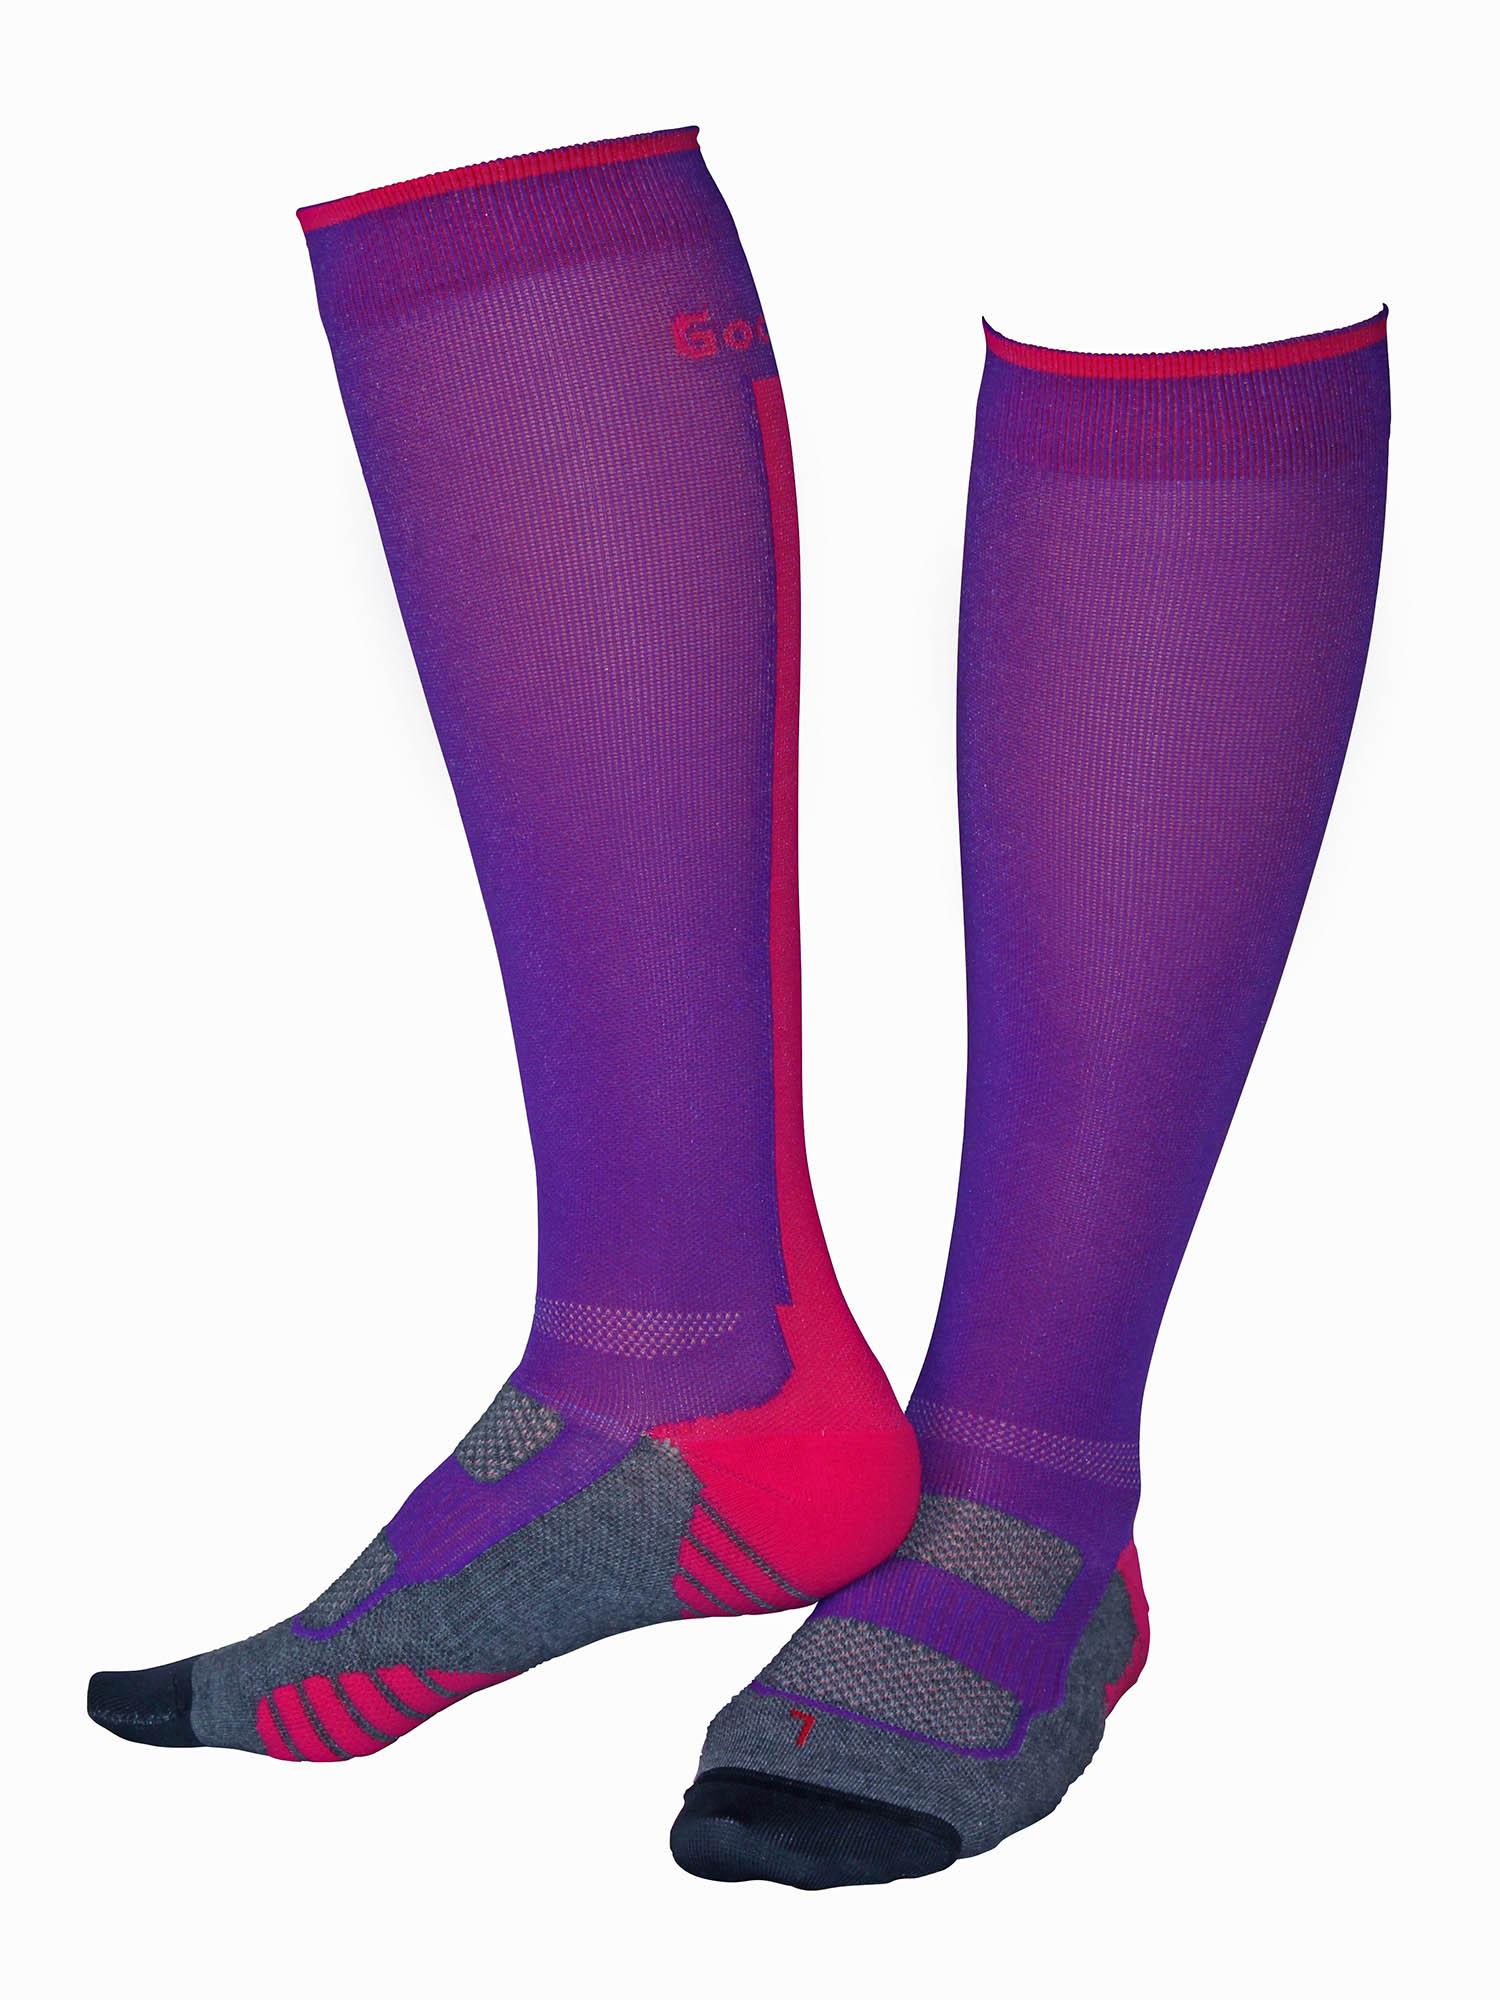 Gococo kompressions strumpor i rosa och lila